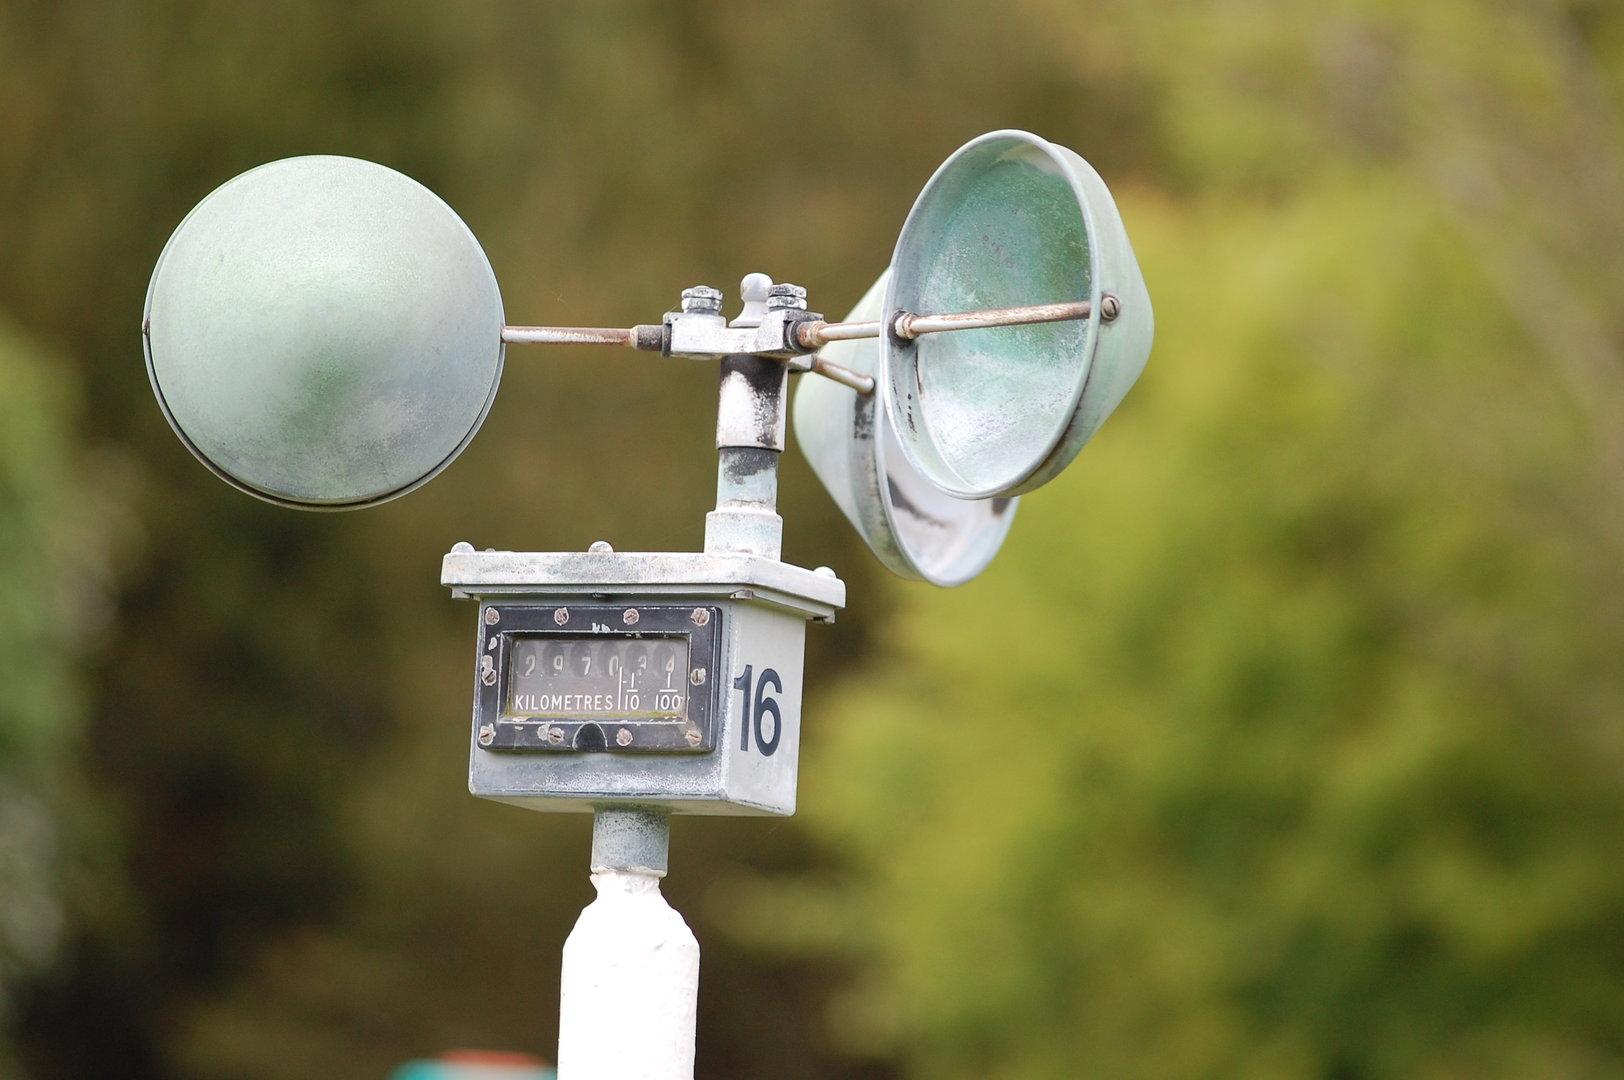 Метеорологические приборы